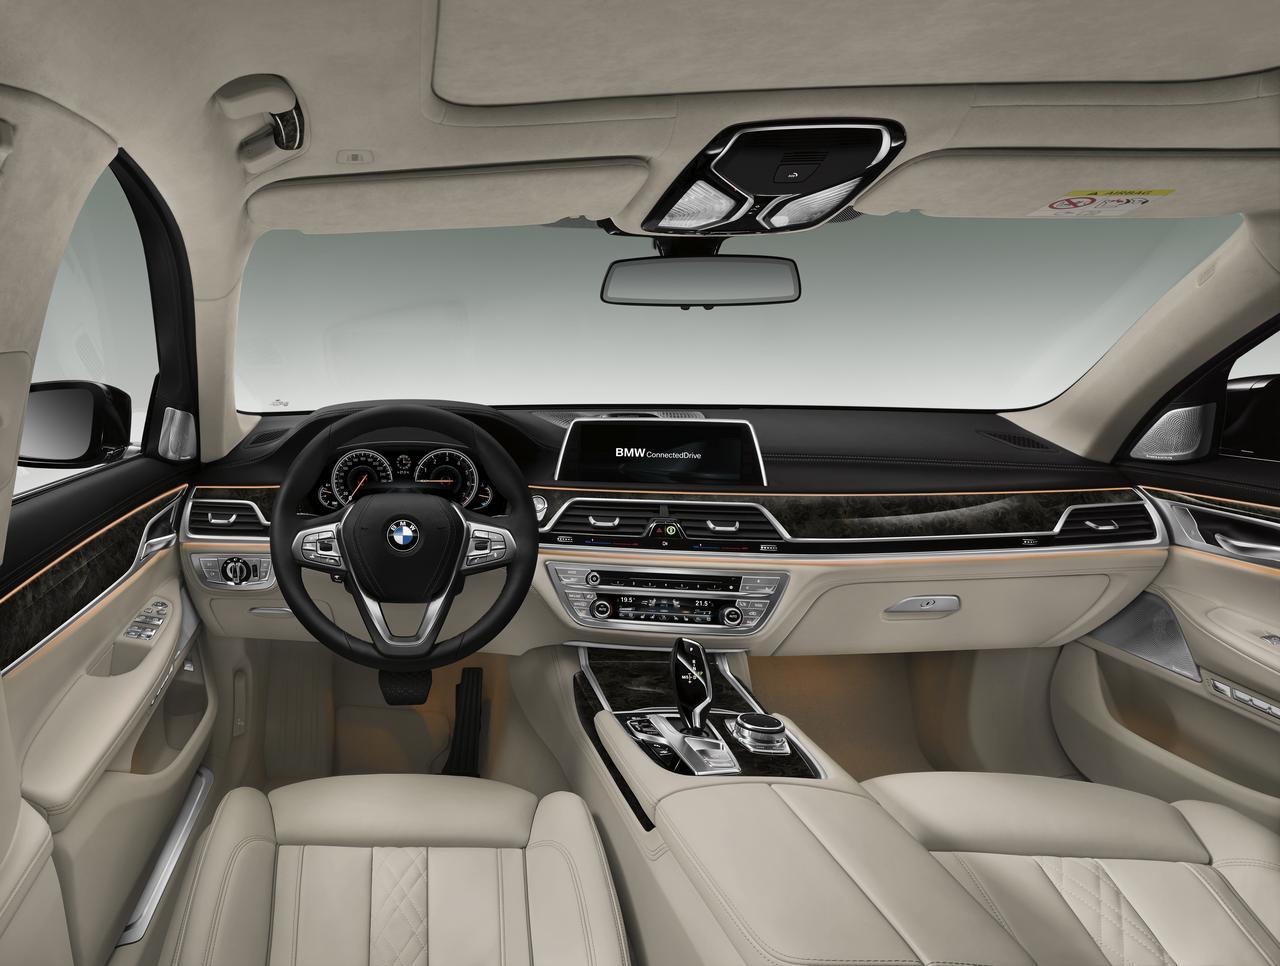 BMW-Serie-7-abitacolo-cockpit-prezzo-price-0-100_9